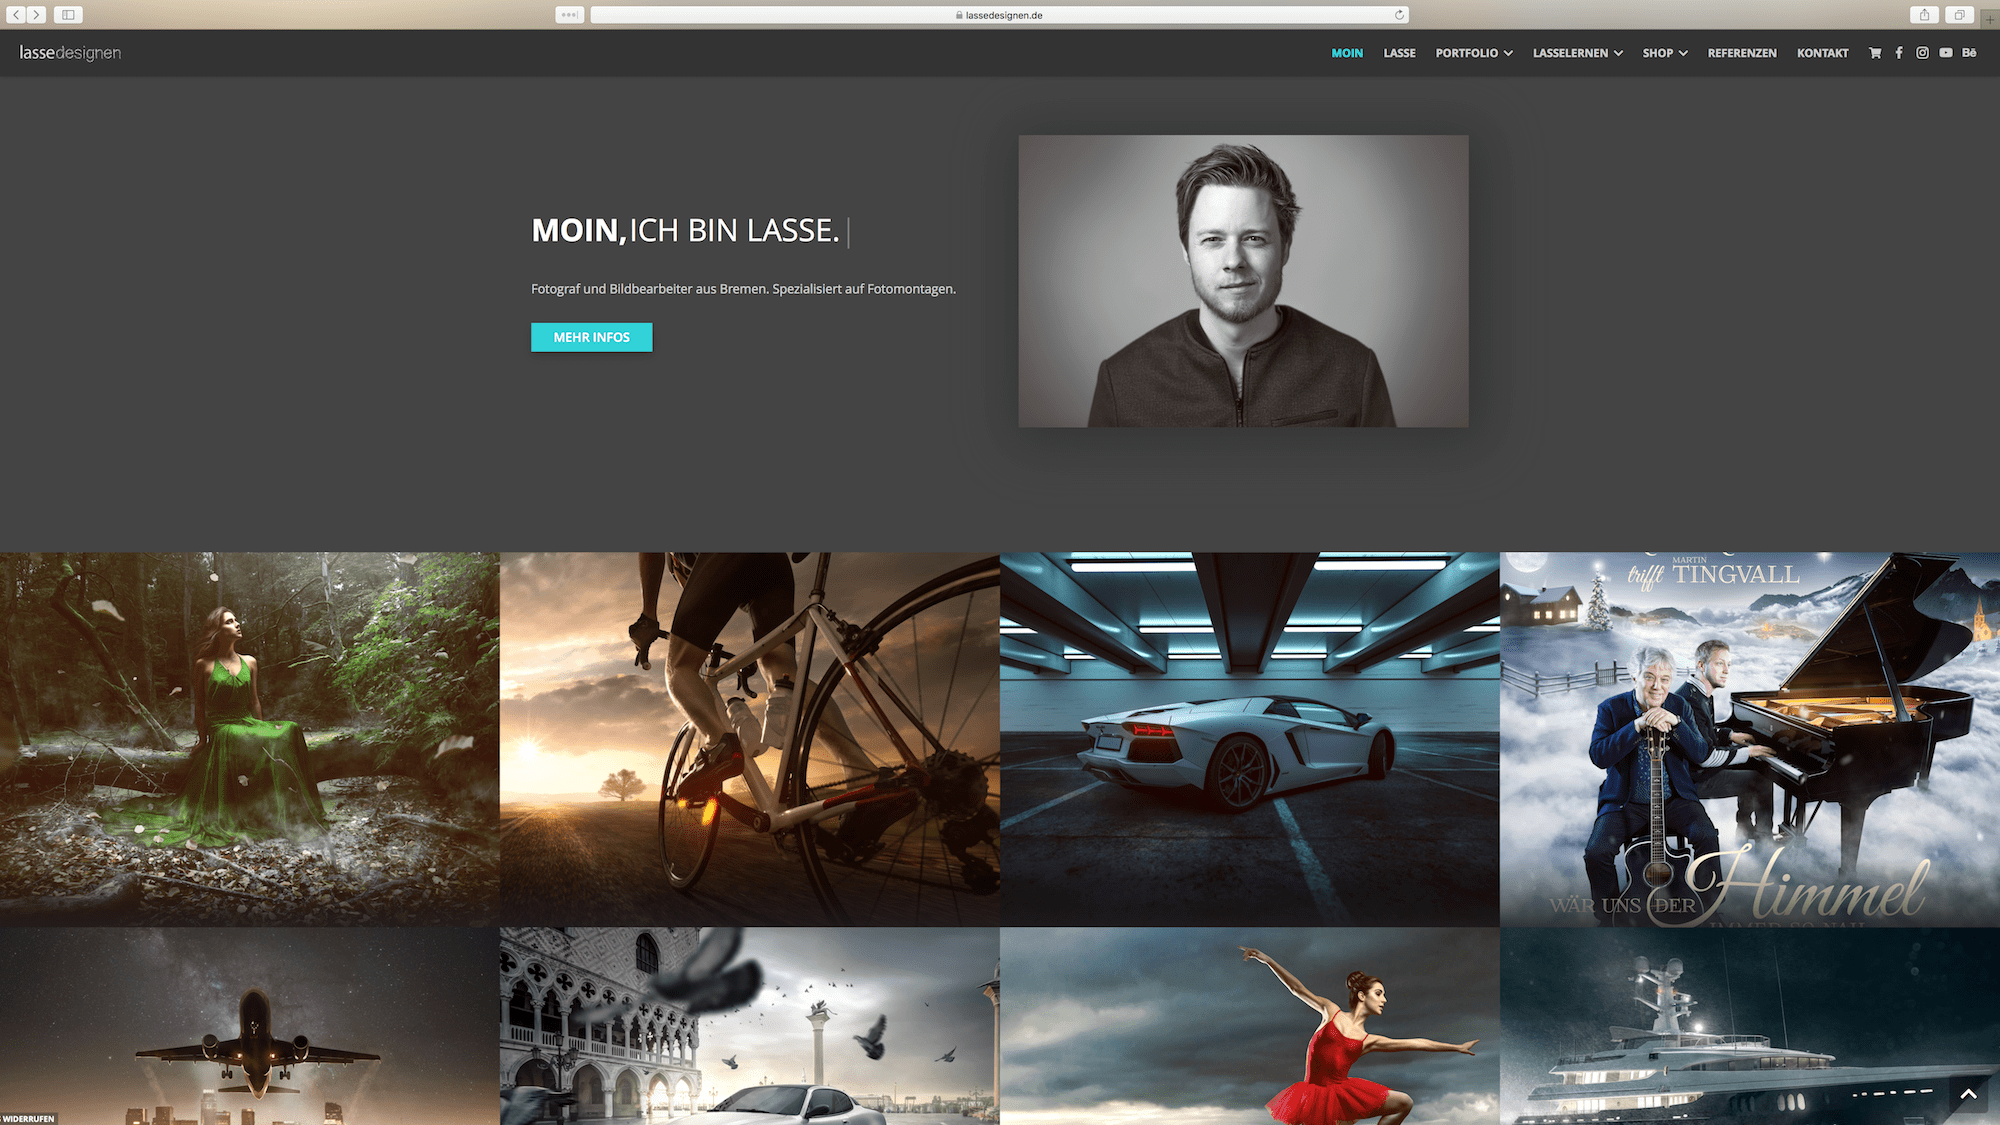 jung und billig werbeagentur lassedesignen fotografie webdesign2 - Lassedesignen